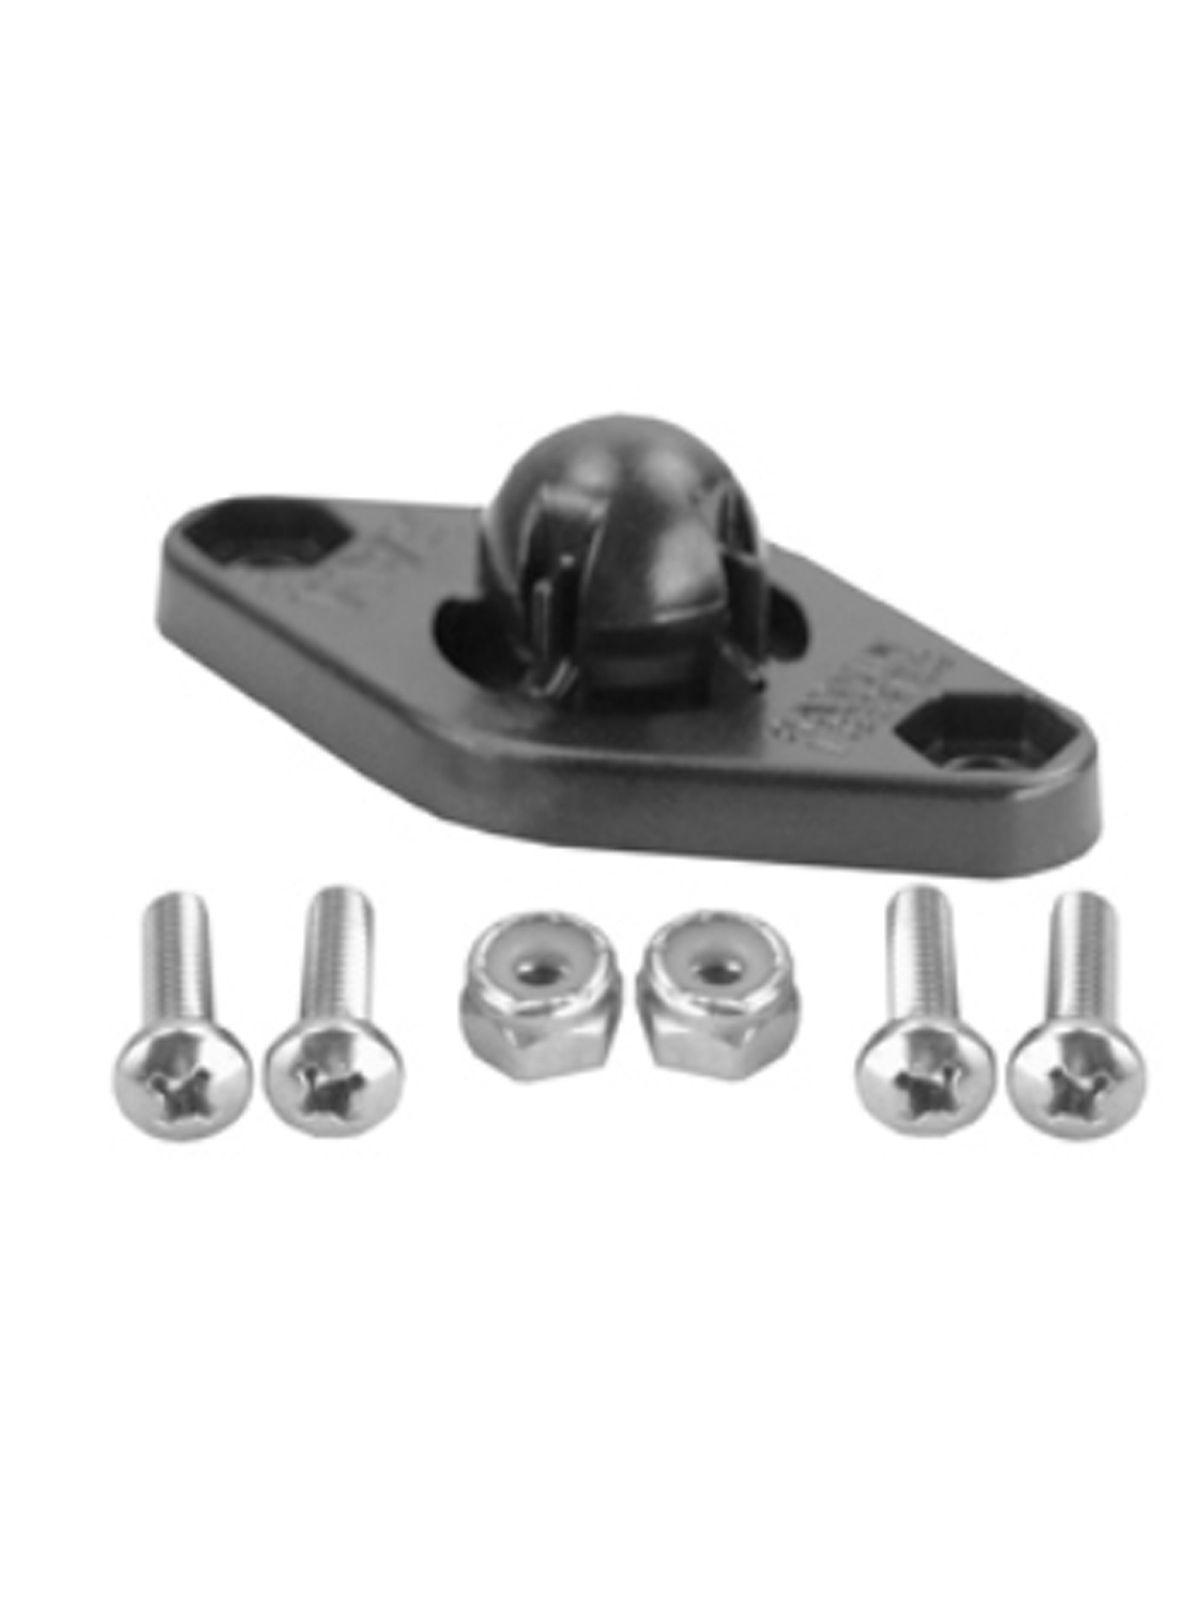 RAM Mounts Adapter für original Garmin-Halterungen - Diamond-Anbindung (Trapez), Schrauben-Set